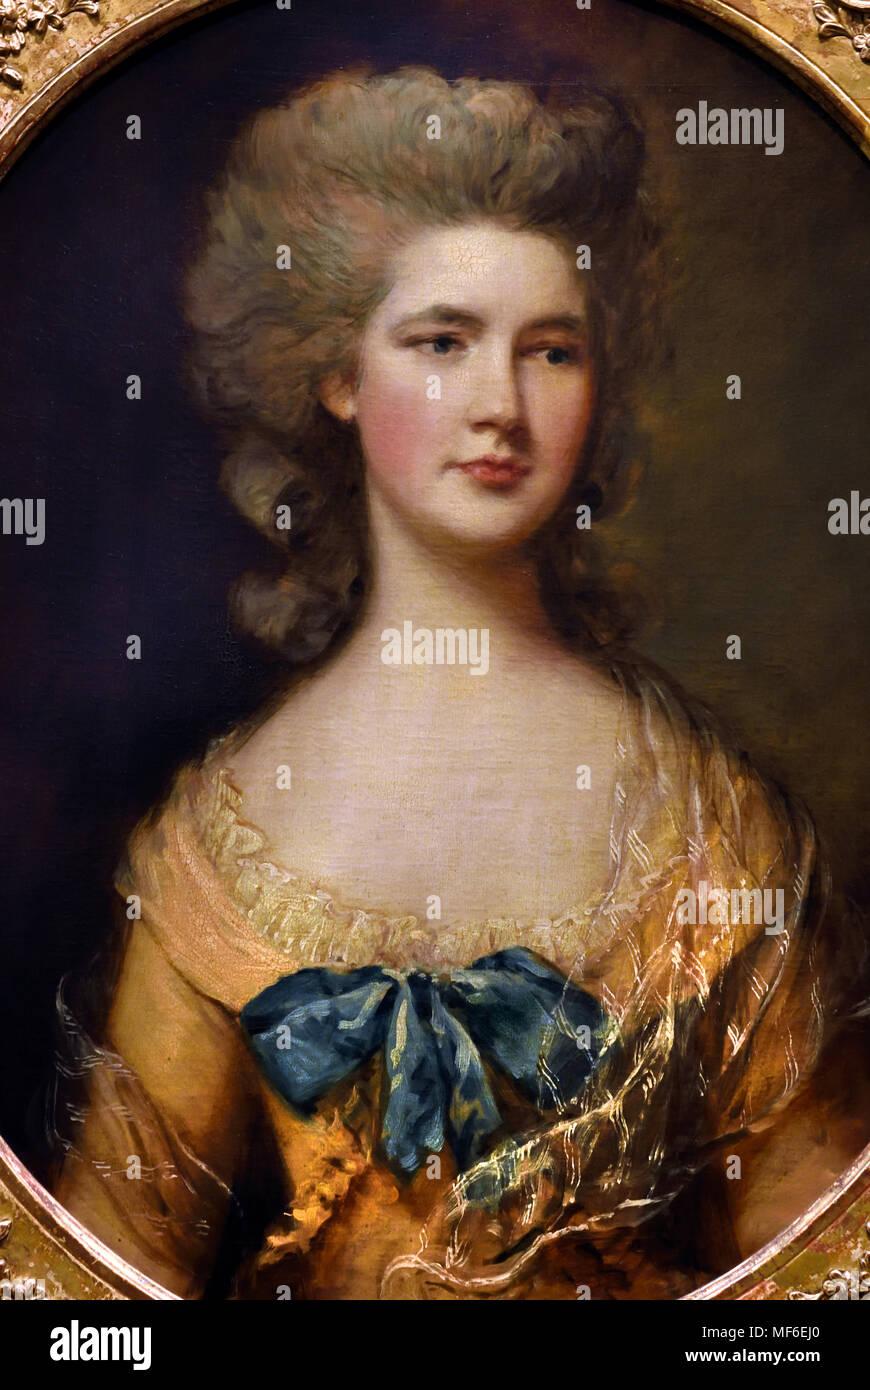 Miss Philadelphia Rowley 1783, Thomas Gainsborough 1727-1788 England, Stock Photo